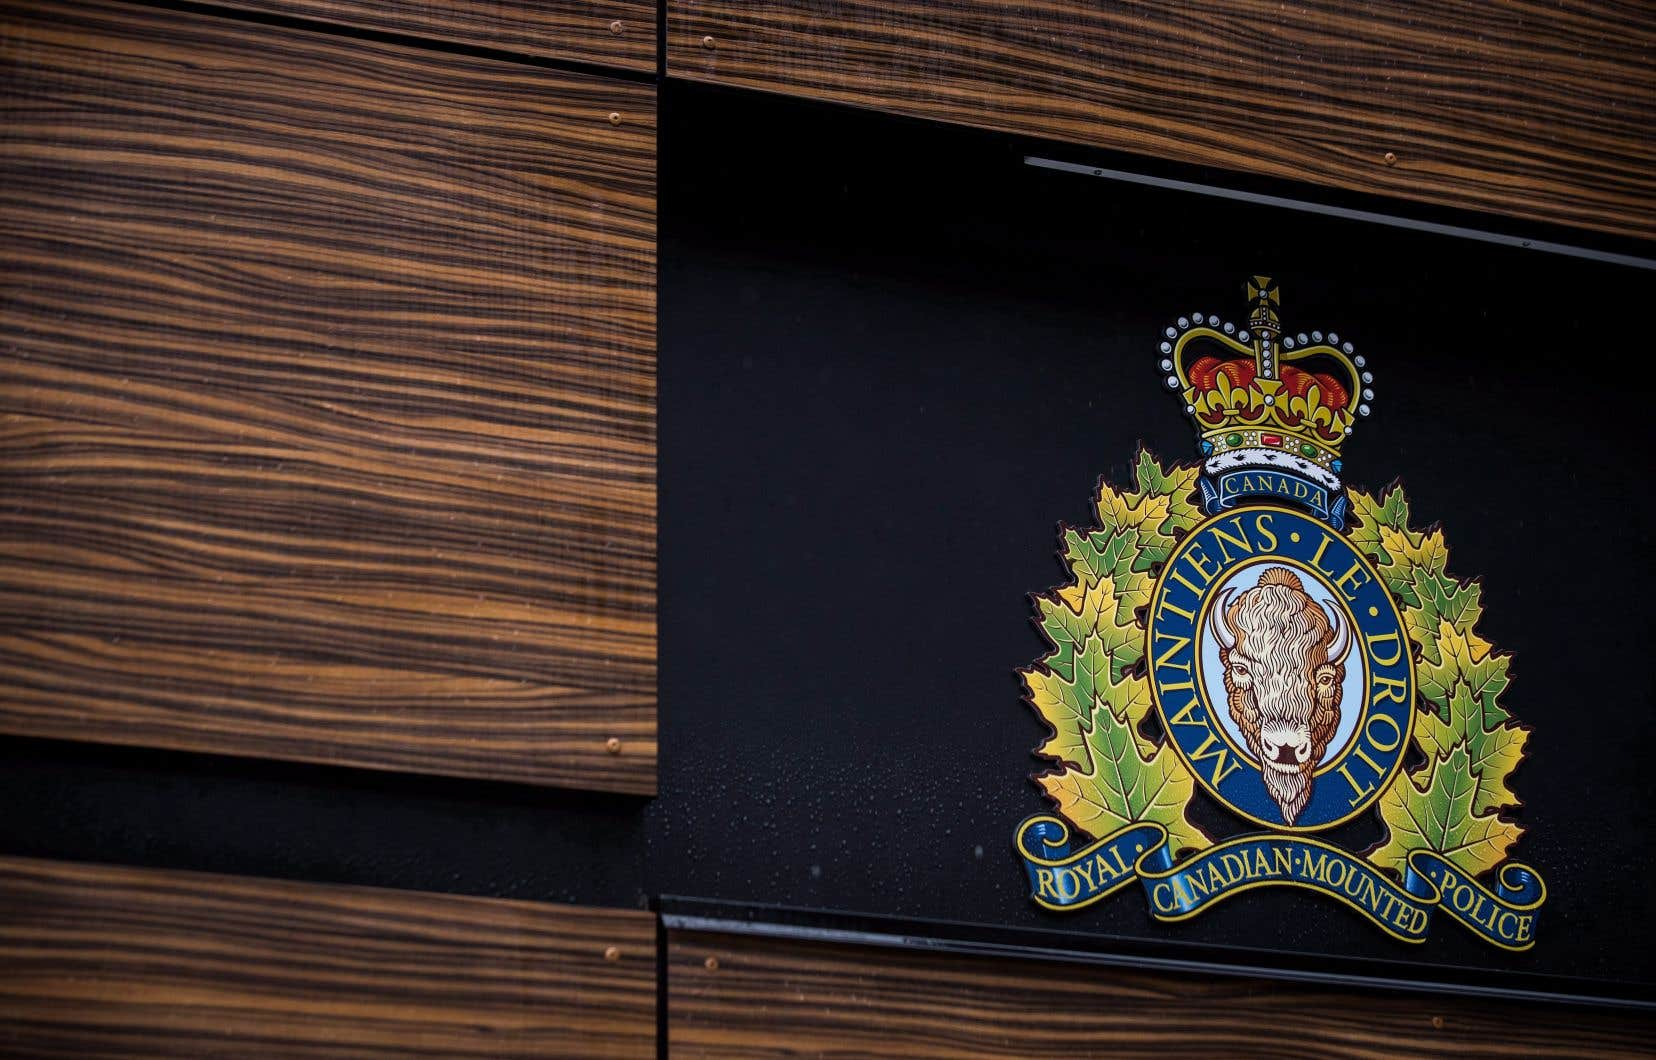 En 2018, 61174 plaintes relativement à des infractions d'exploitation sexuelle sur Internet qui impliquaient des Canadiens ont été formulées. Ce qui représente une hausse spectaculaire de 616% depuis 2014 selon la GRC.